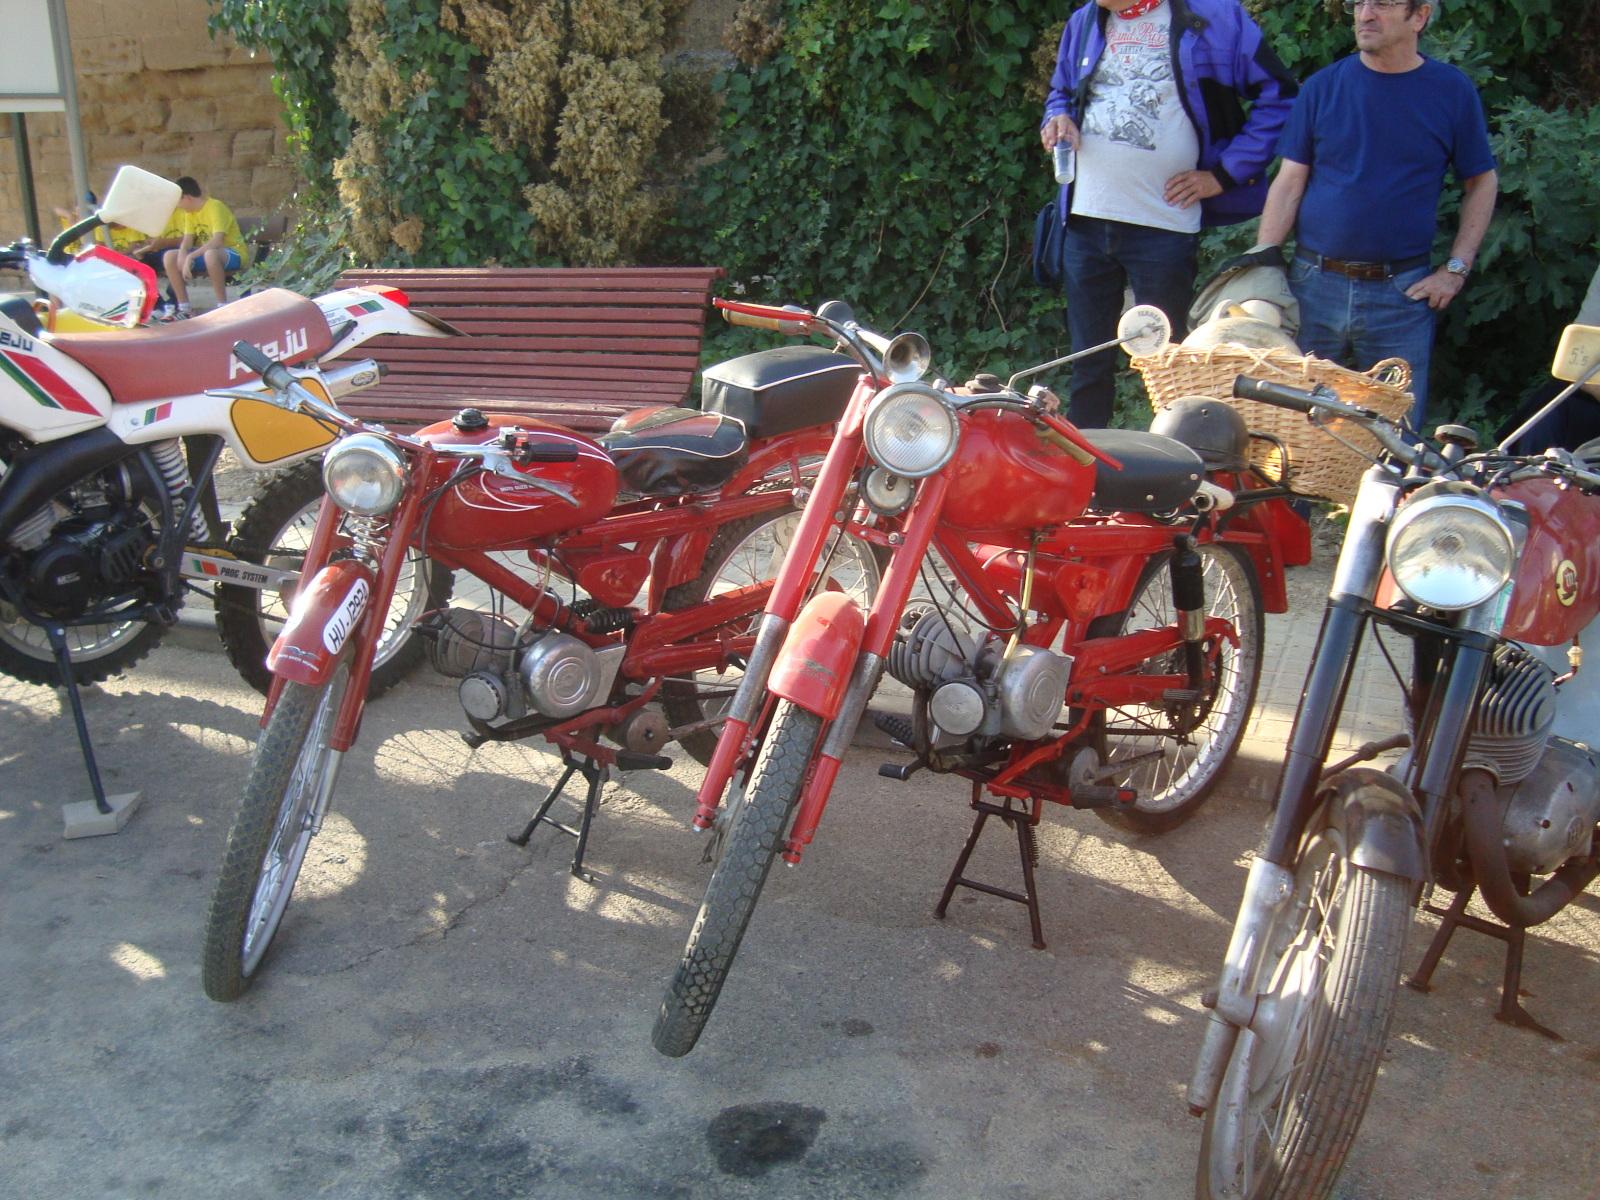 XI concentracion de motos antiguas en Alberuela de tubo (Huesca) 2wf0jd3